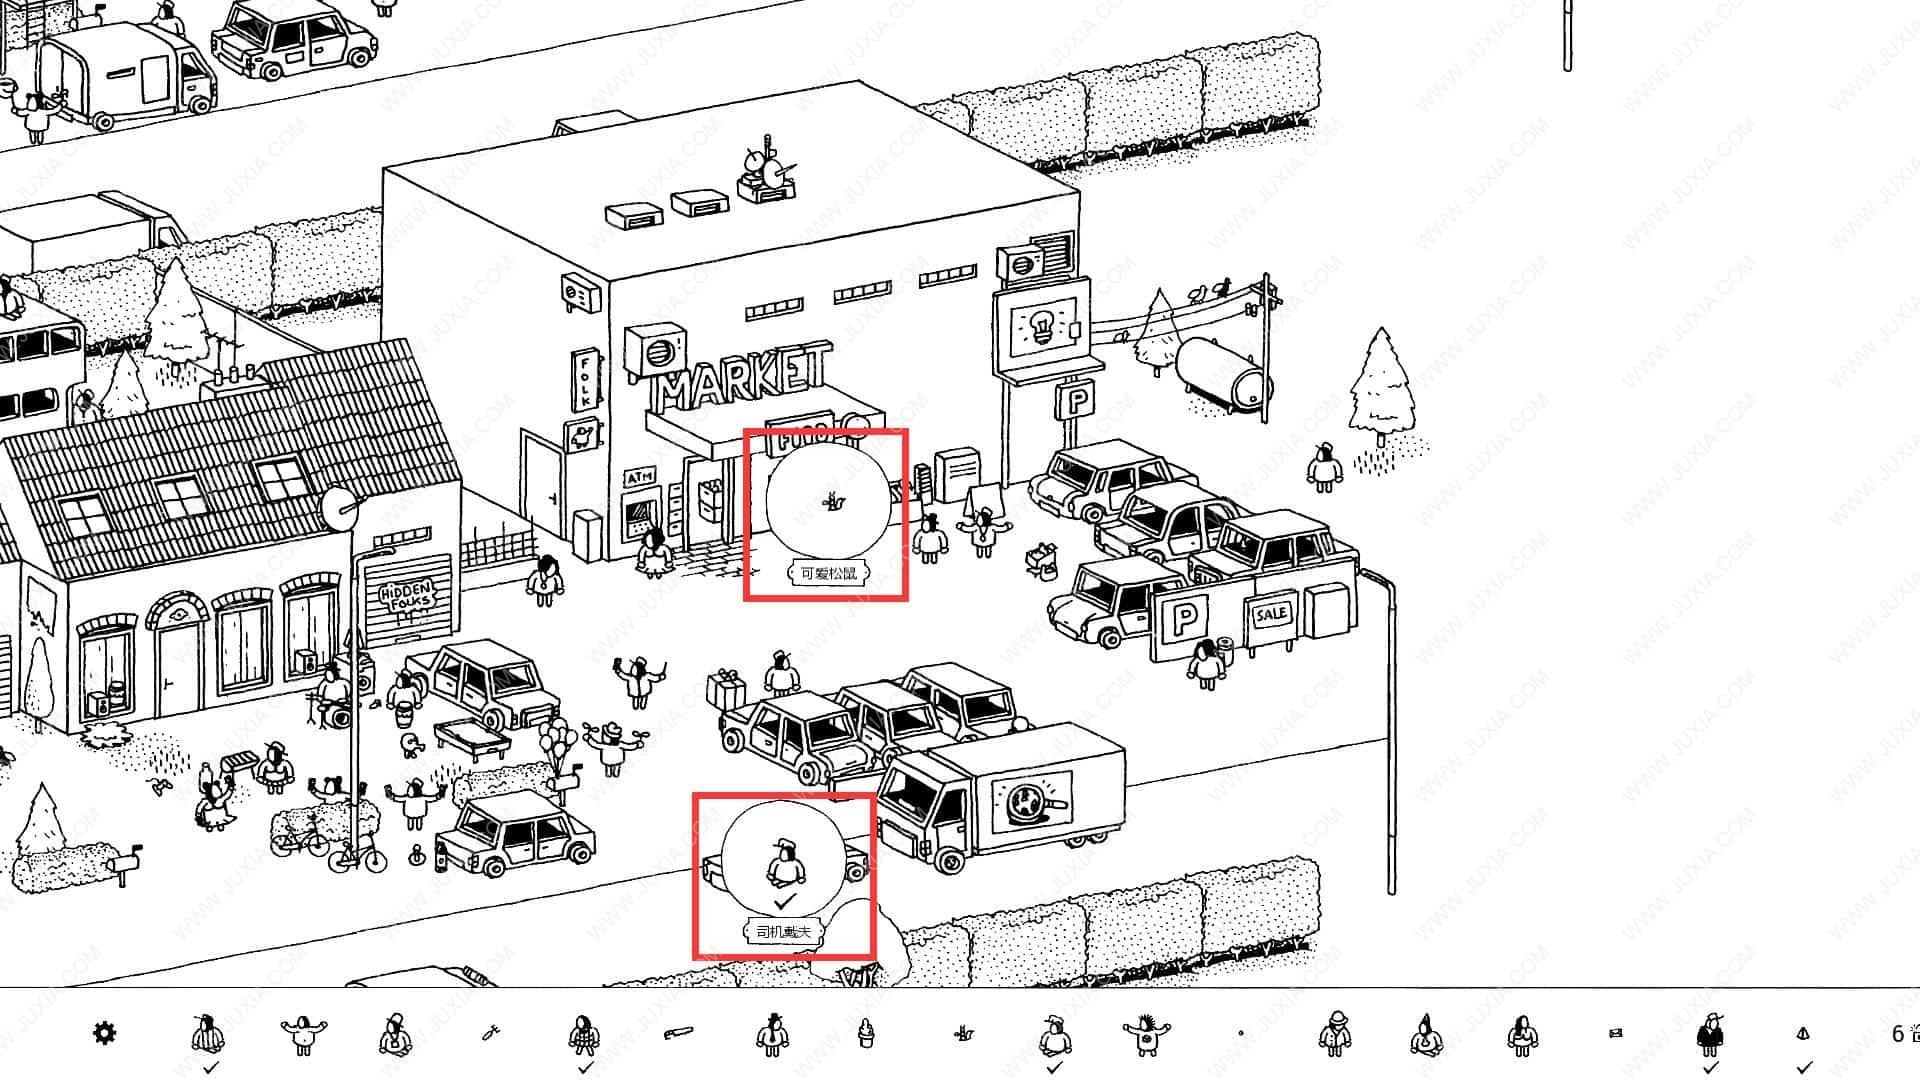 隐藏的家伙攻略图文城市第2关 HiddenFolks图文攻略城市第二关